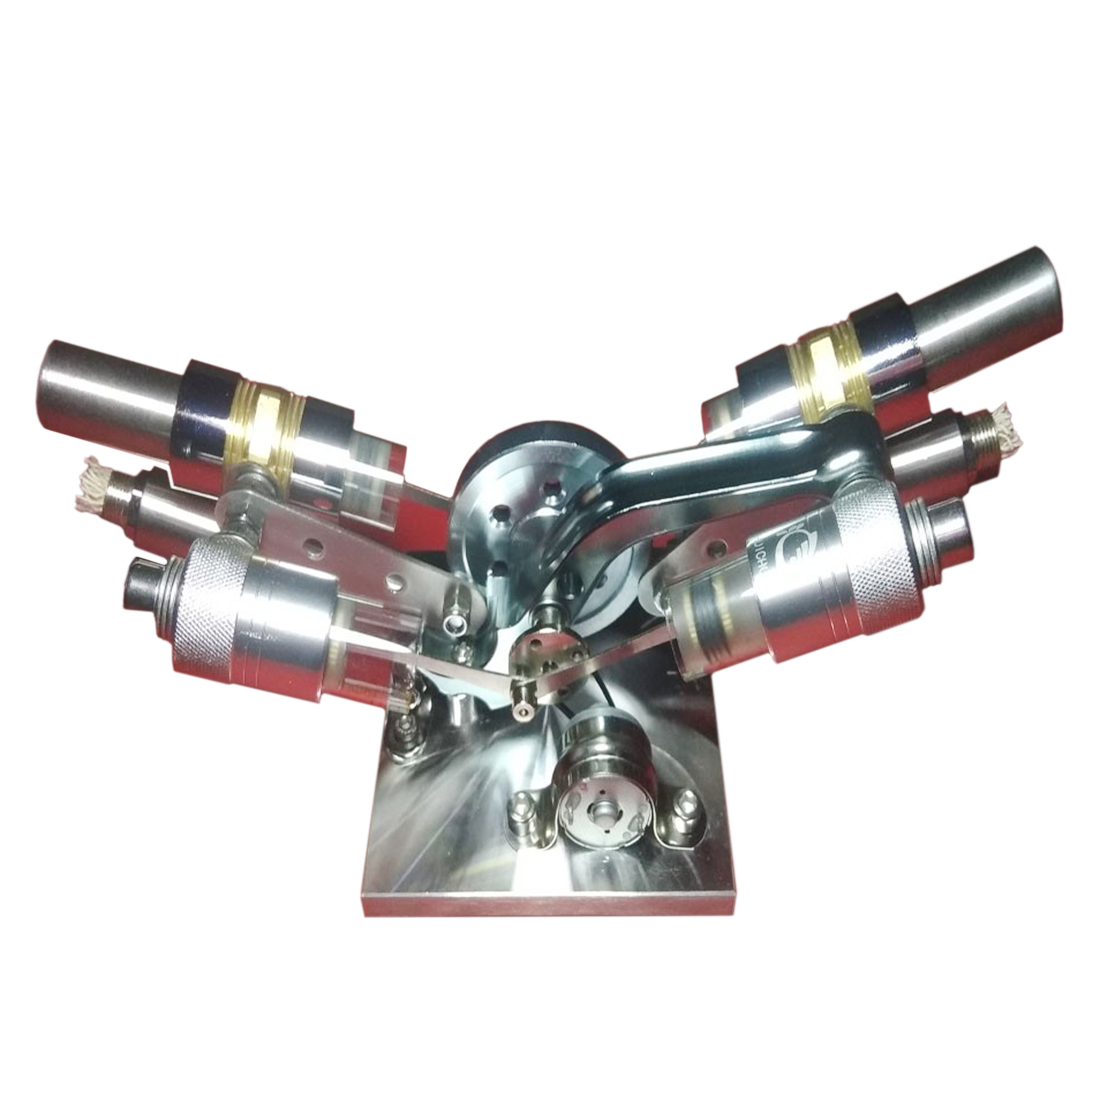 High-power Metal Hot Cylinder Double-cylinder Stirling External Combustion Engine Model Building Kits Education ToyHigh-power Metal Hot Cylinder Double-cylinder Stirling External Combustion Engine Model Building Kits Education Toy